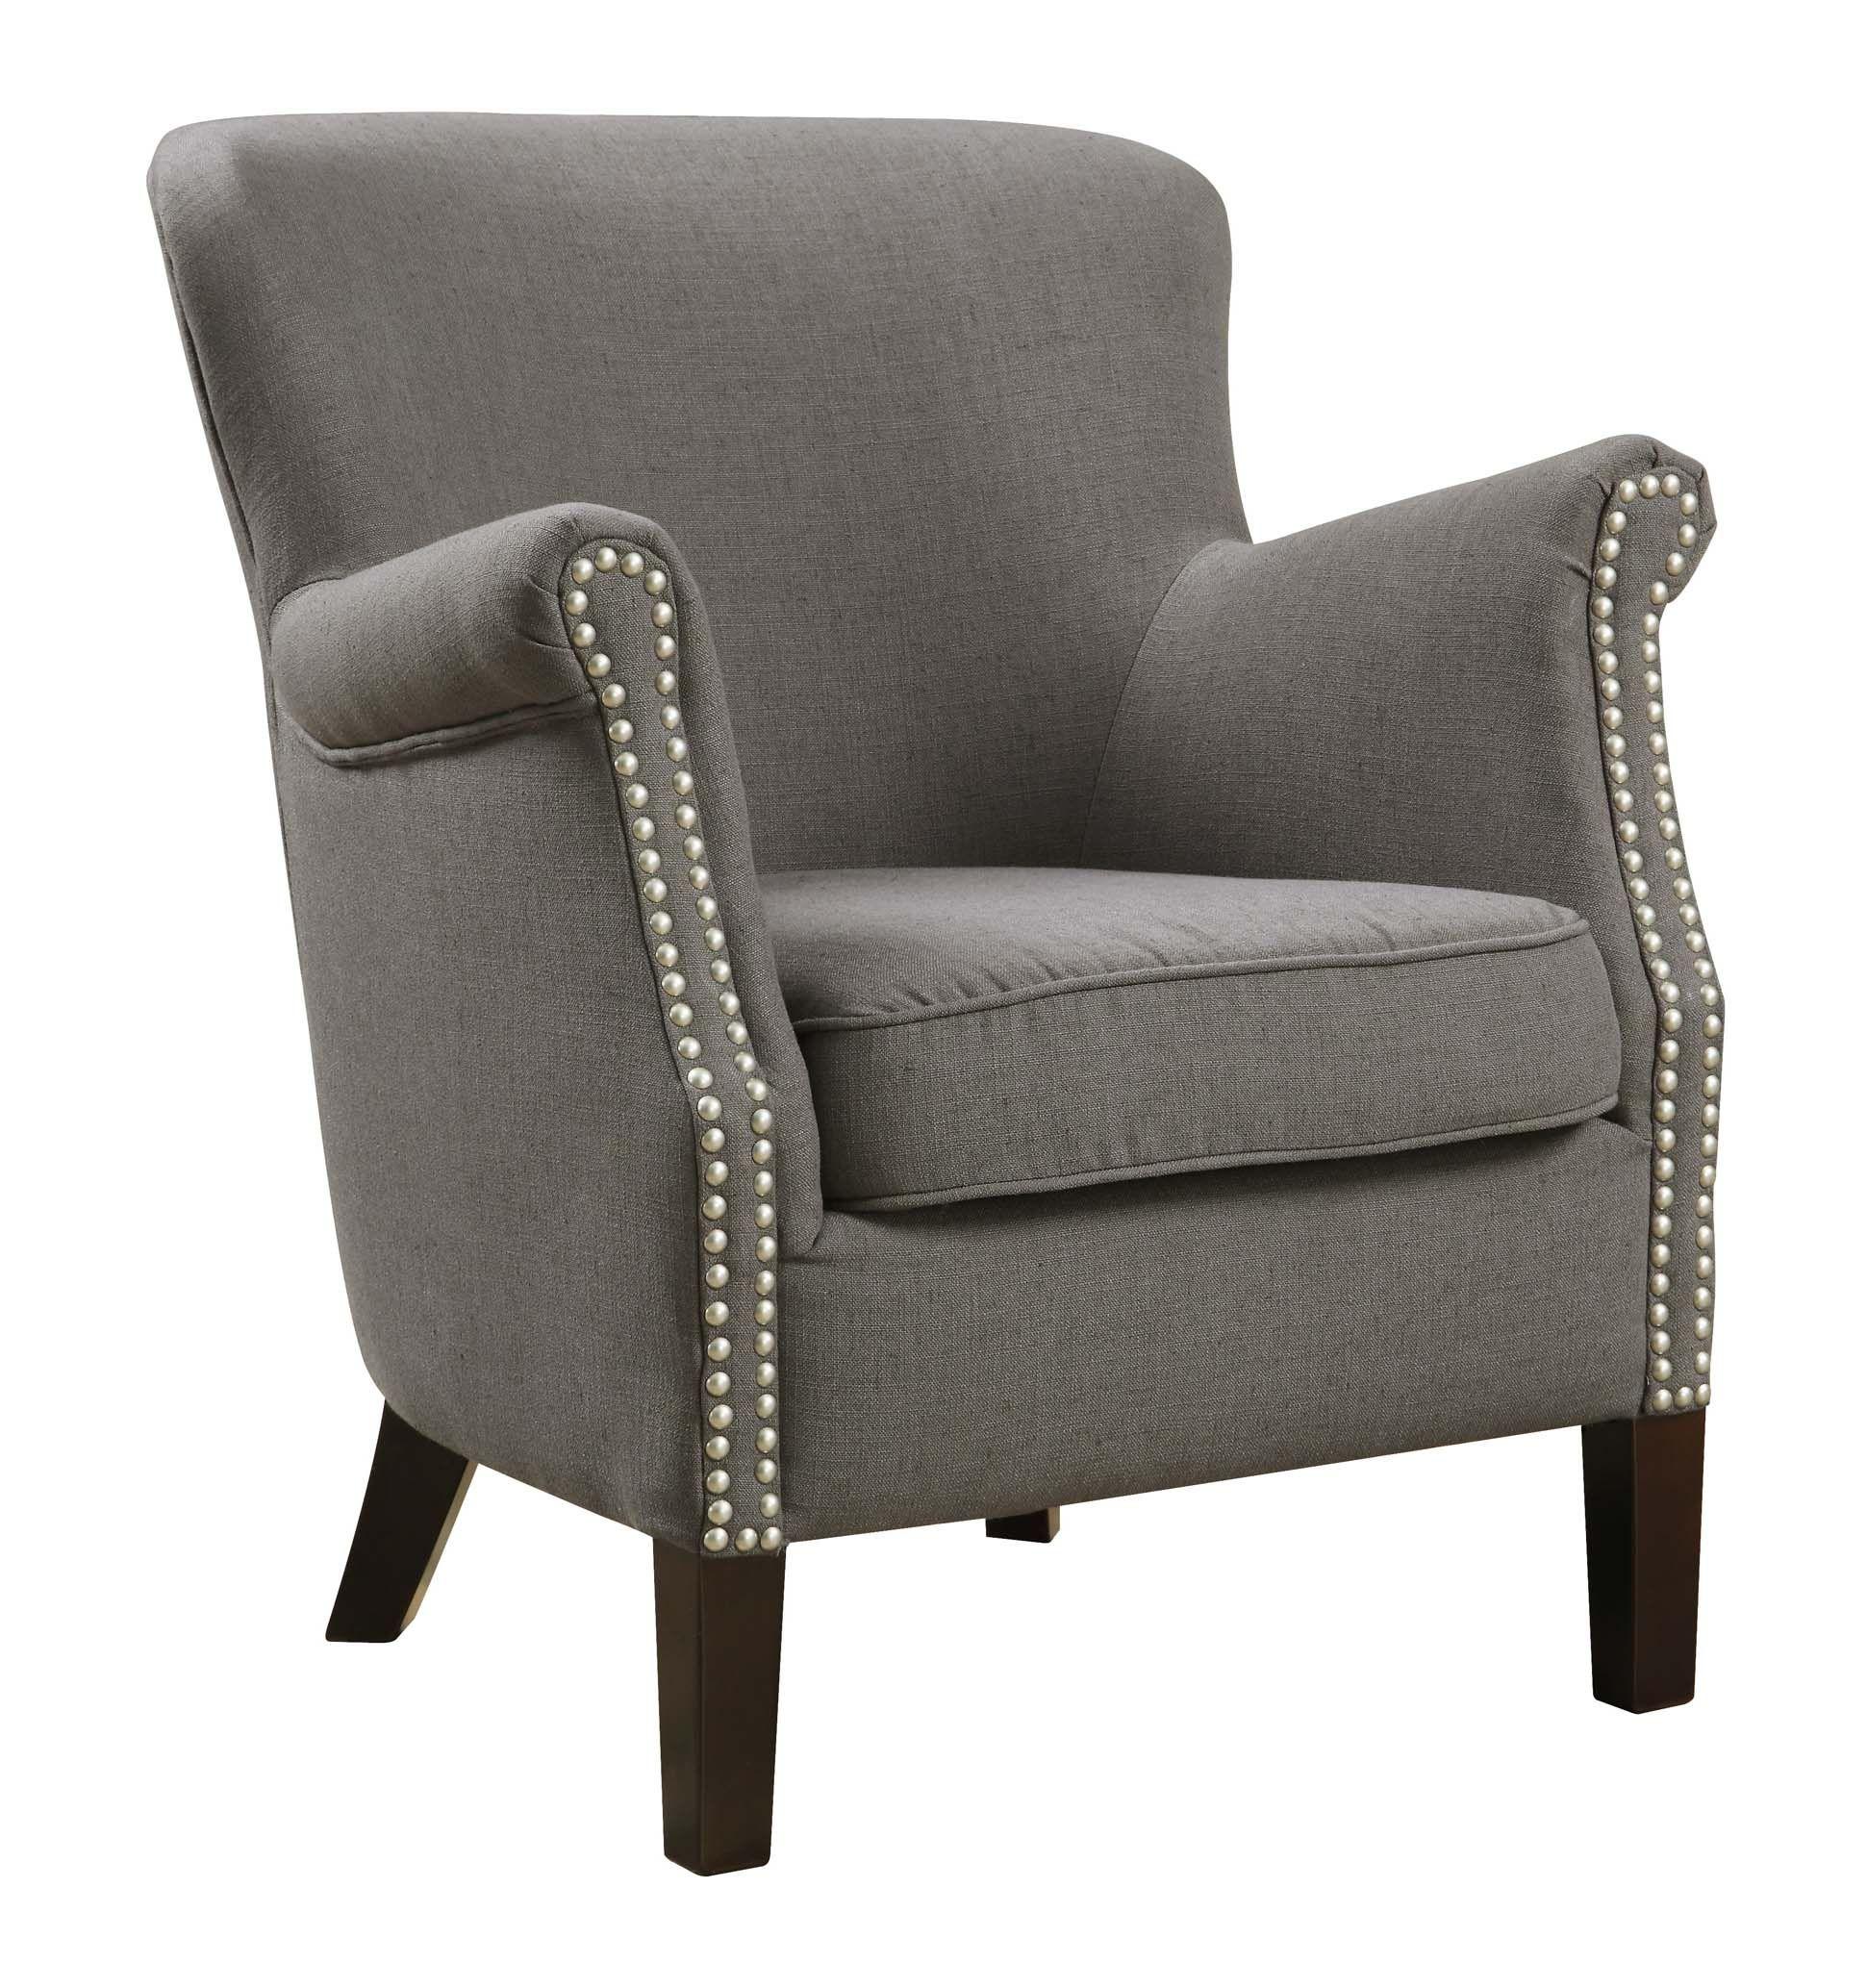 Coole Stühle Zum Verkauf Stühle für schlafzimmer, Kleine